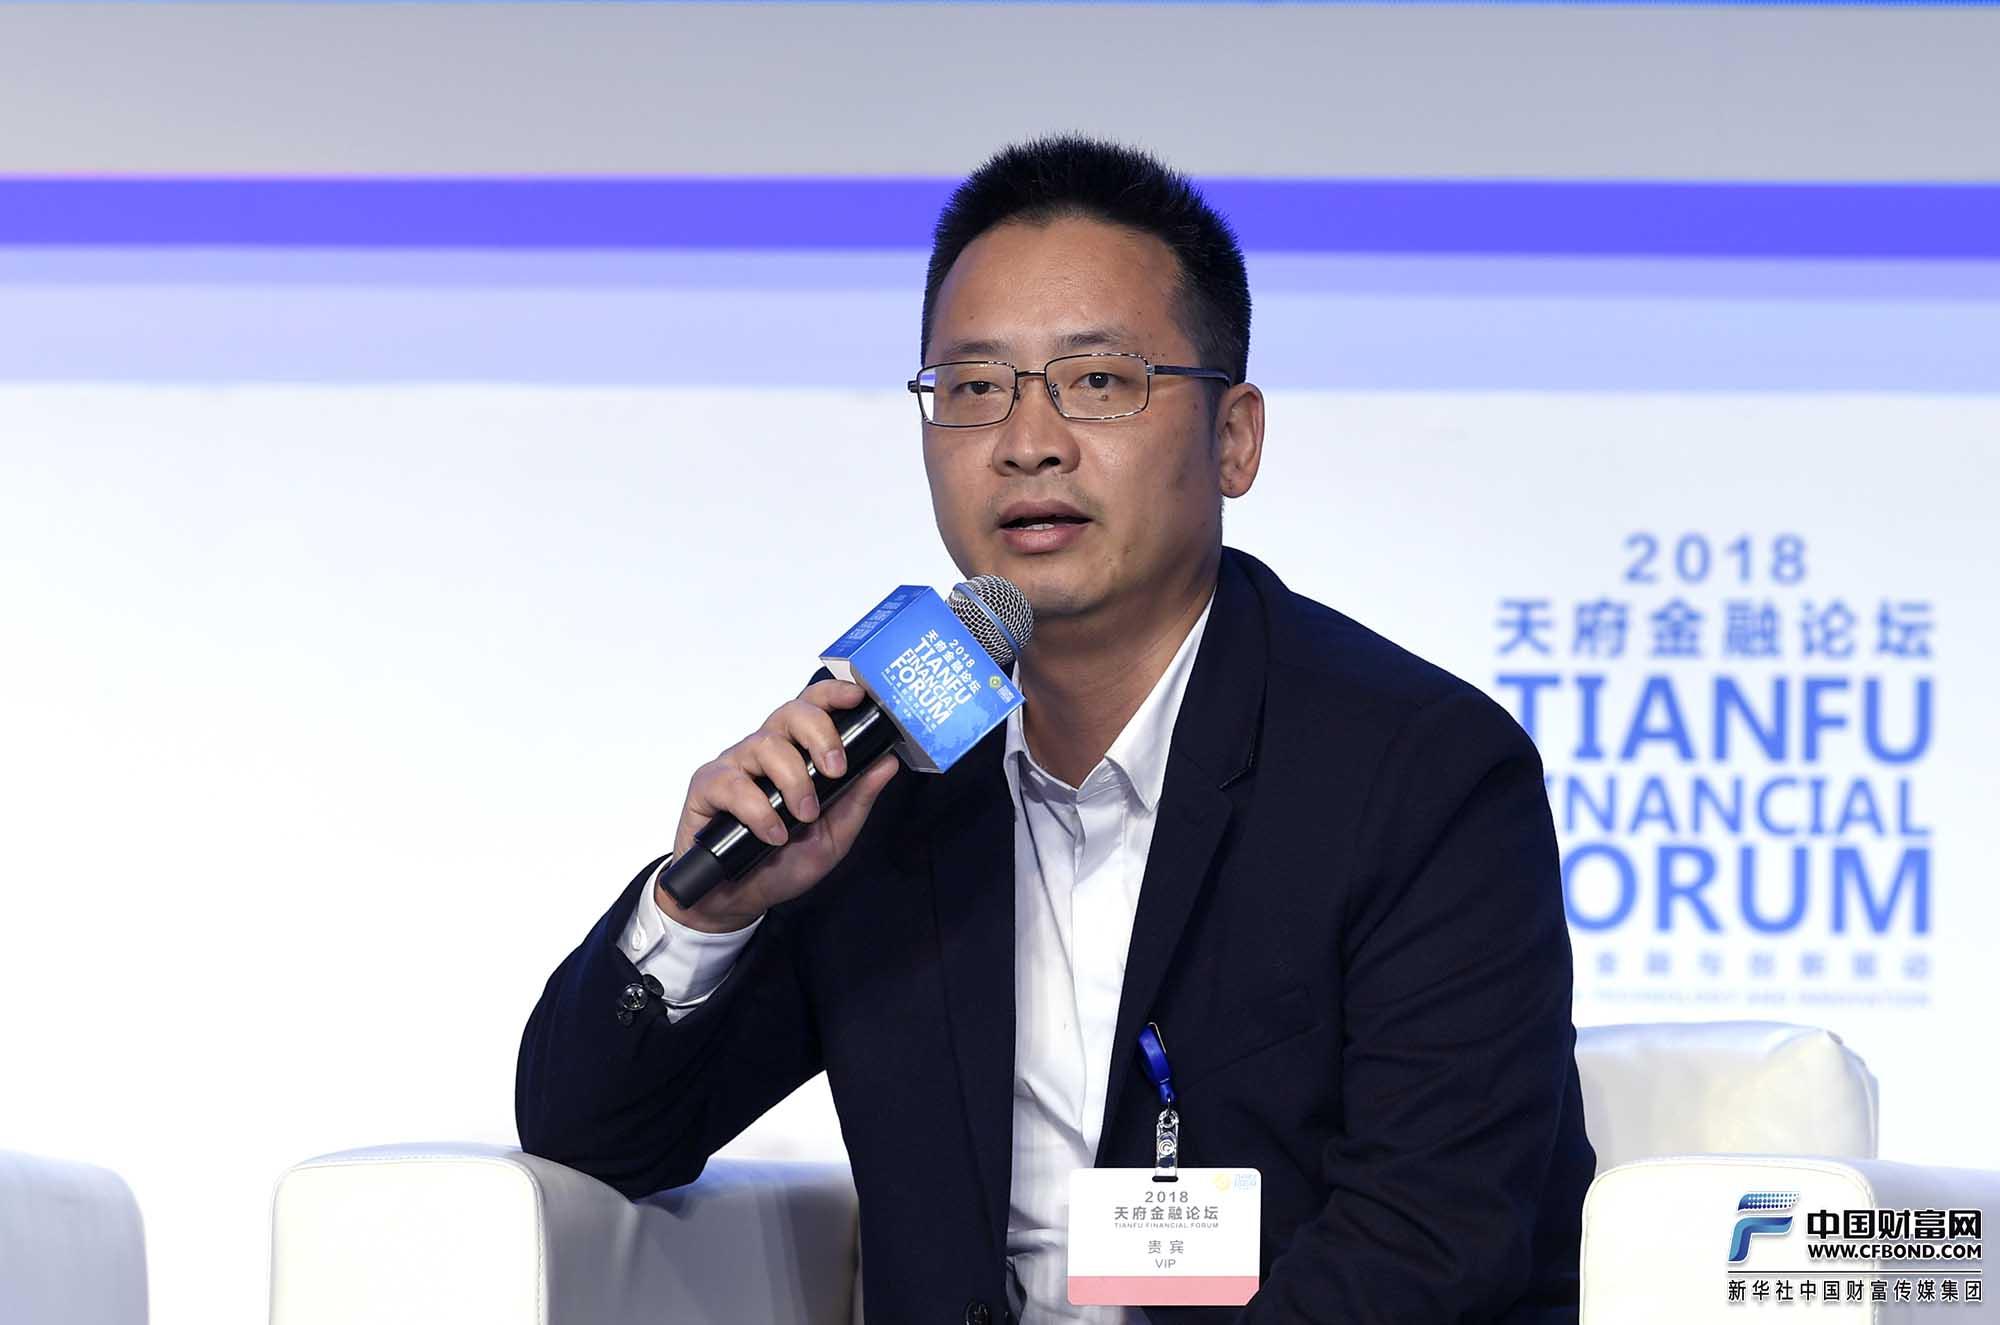 天使投资人、盈盈集团董事长兼 CEO叶进武